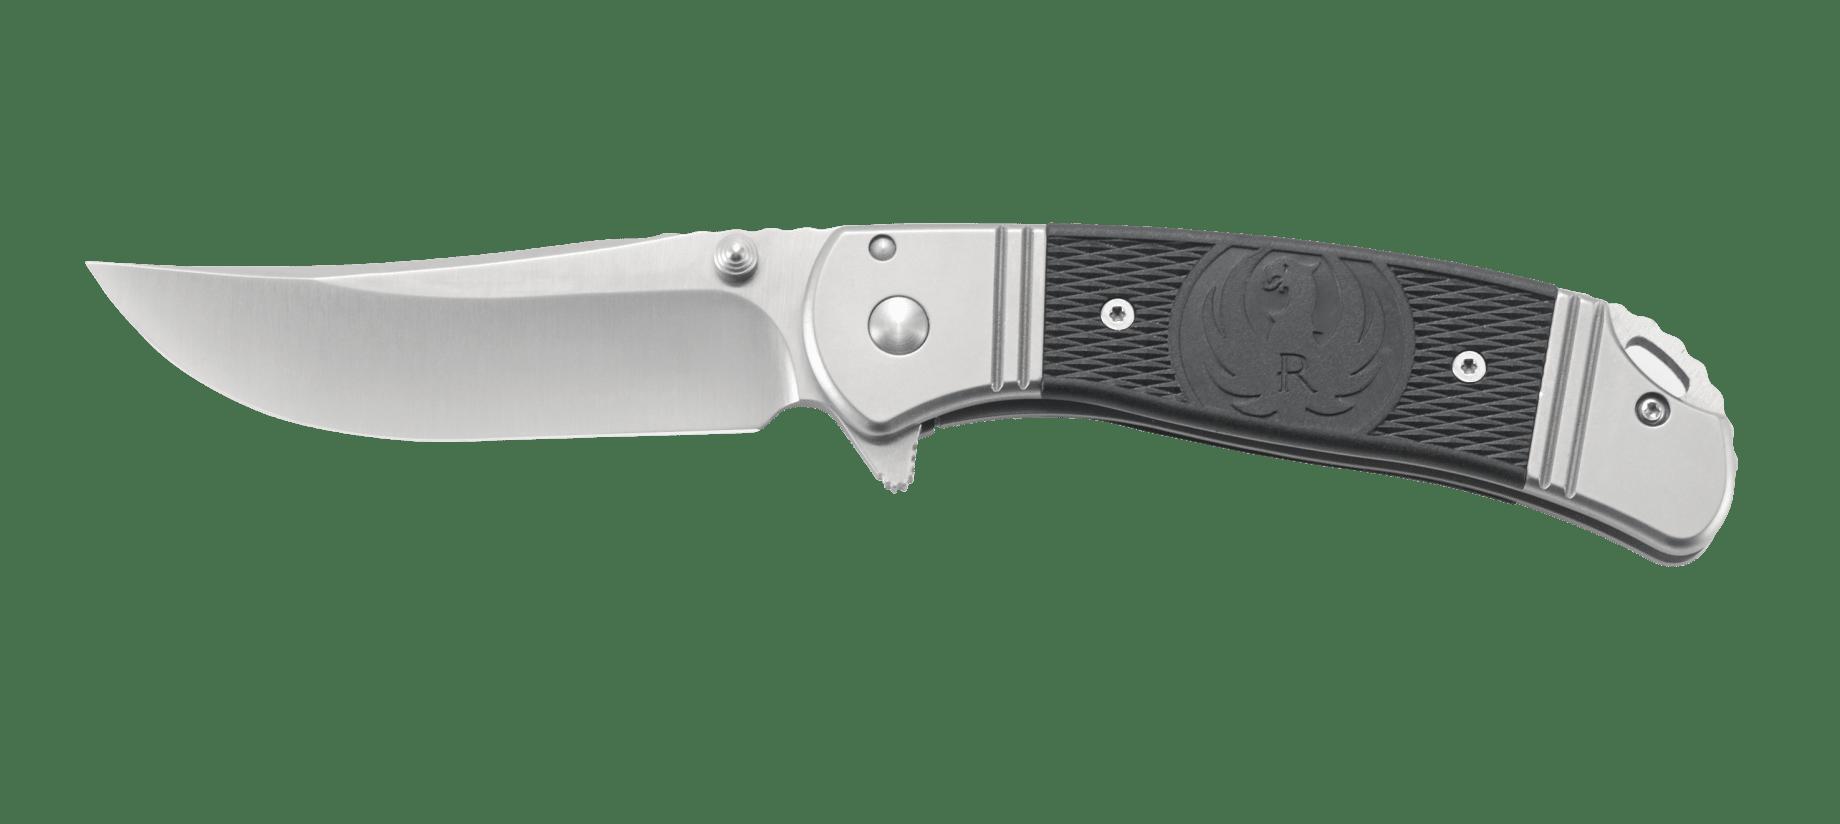 Фото 19 - Складной нож CRKT R2302 Ruger® Knives Hollow-Point™, сталь 8Cr13MOV, рукоять из нерж. стали с накладками из термопластика